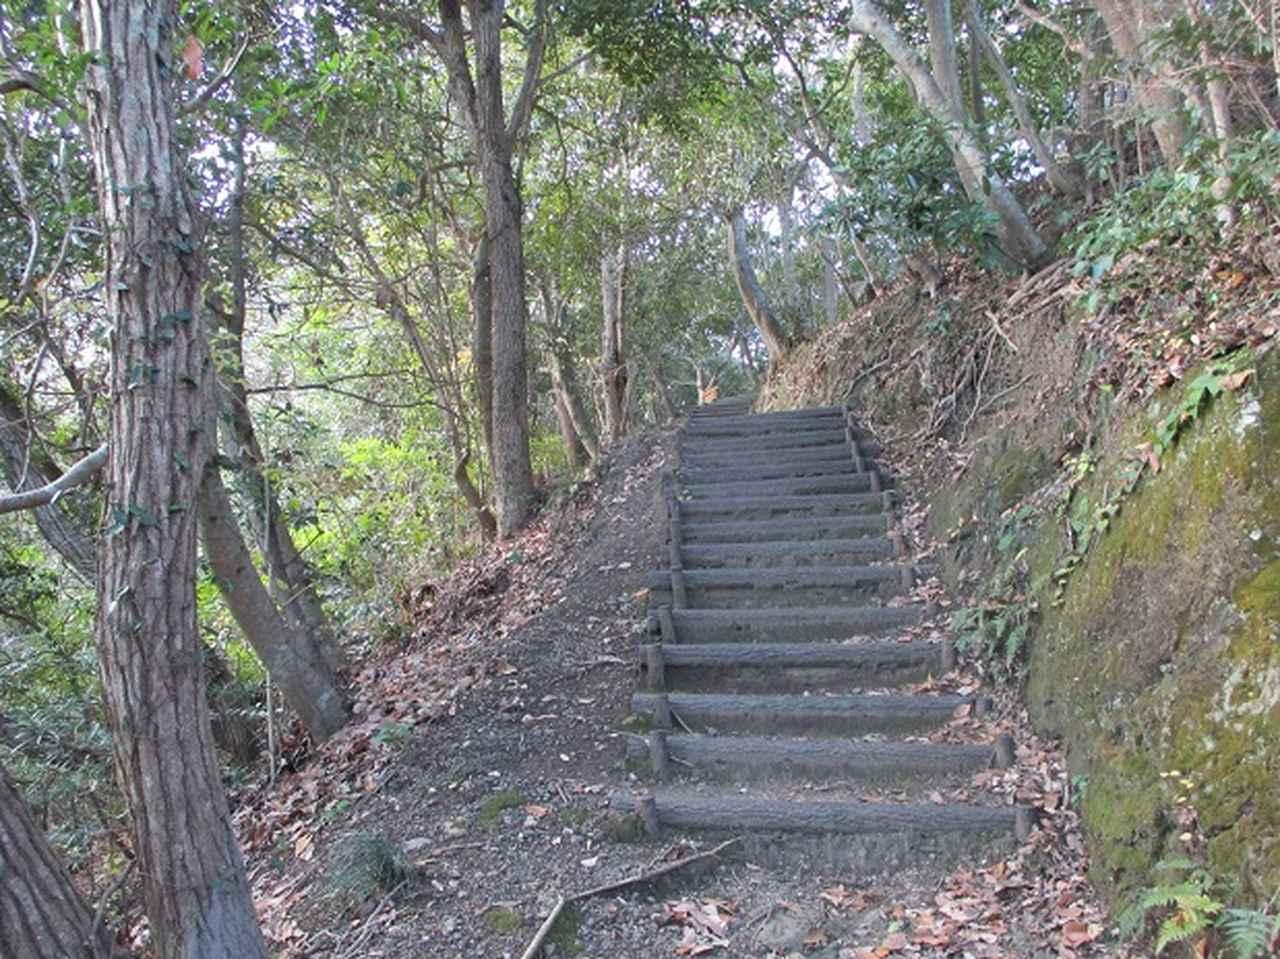 画像2: 1月の山旅会新年企画 「天神山と沖の島」 ツアーの下見にいってまいりました!